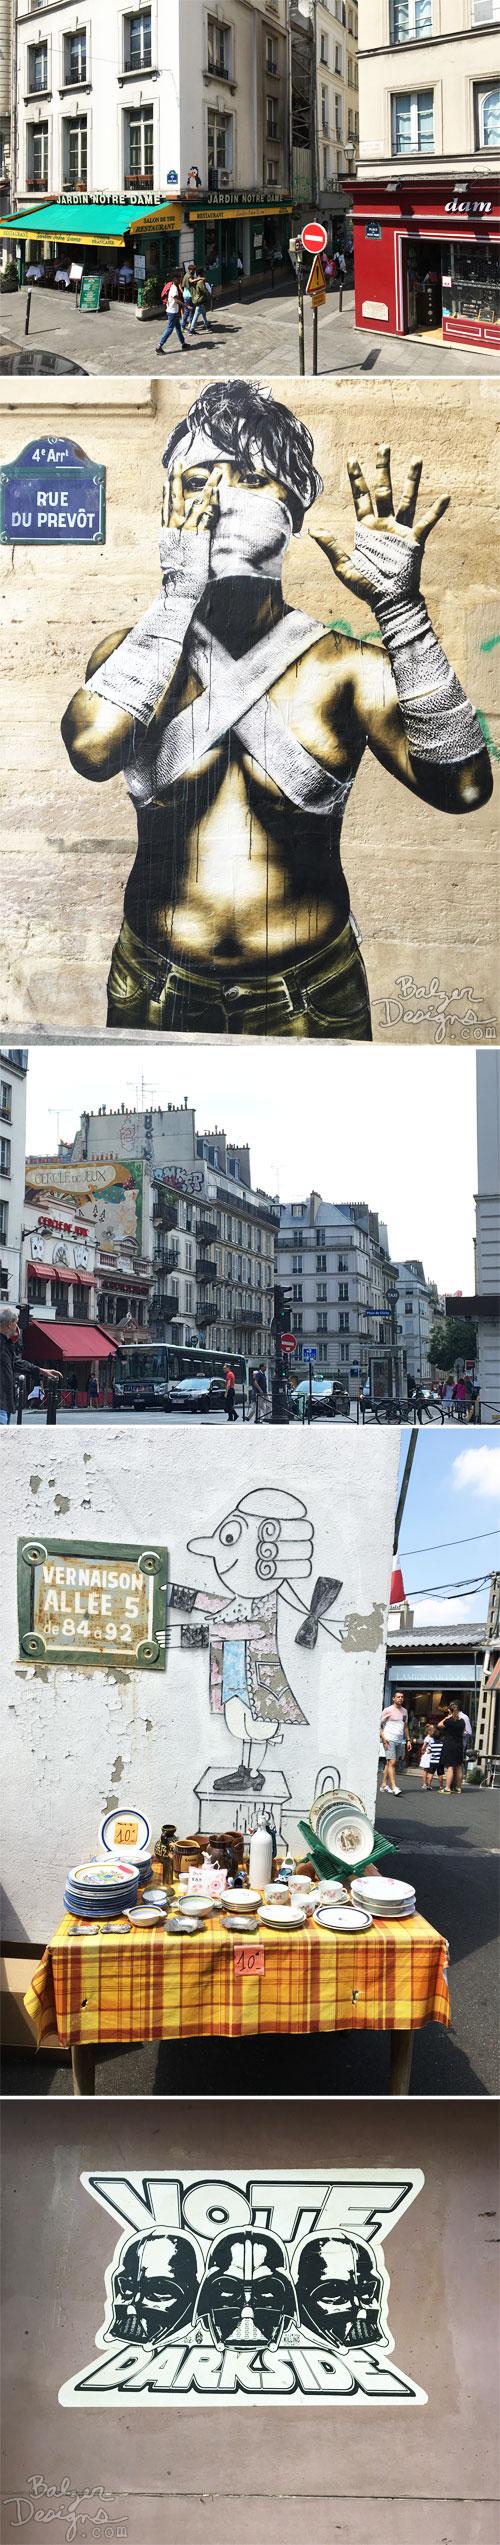 From the Balzer Designs Blog: Paris Street Art